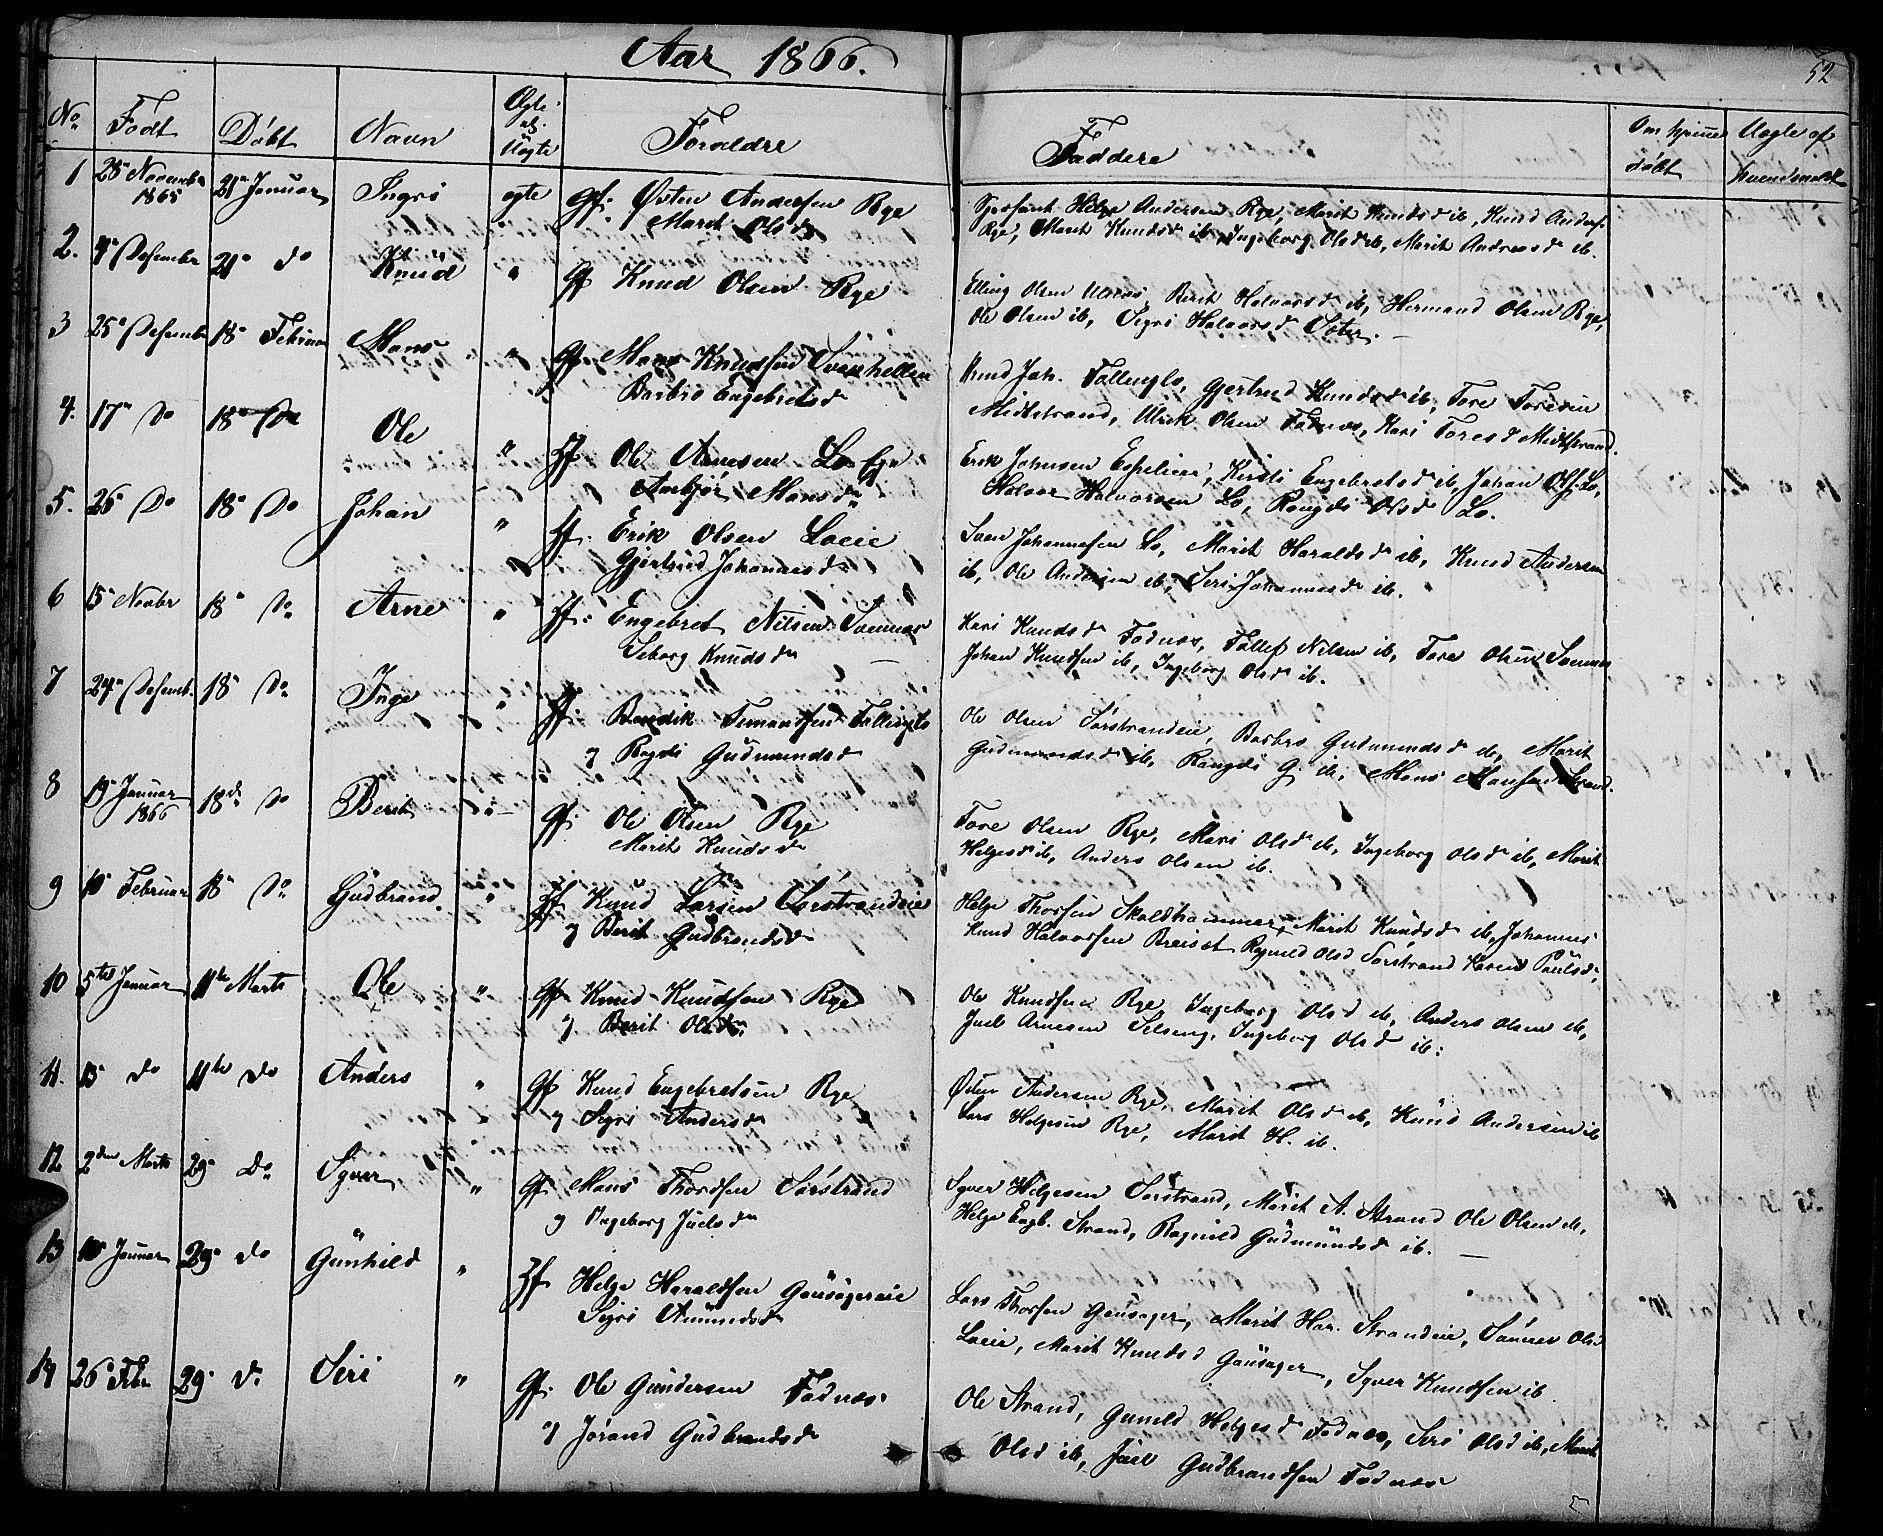 SAH, Nord-Aurdal prestekontor, Klokkerbok nr. 3, 1842-1882, s. 52